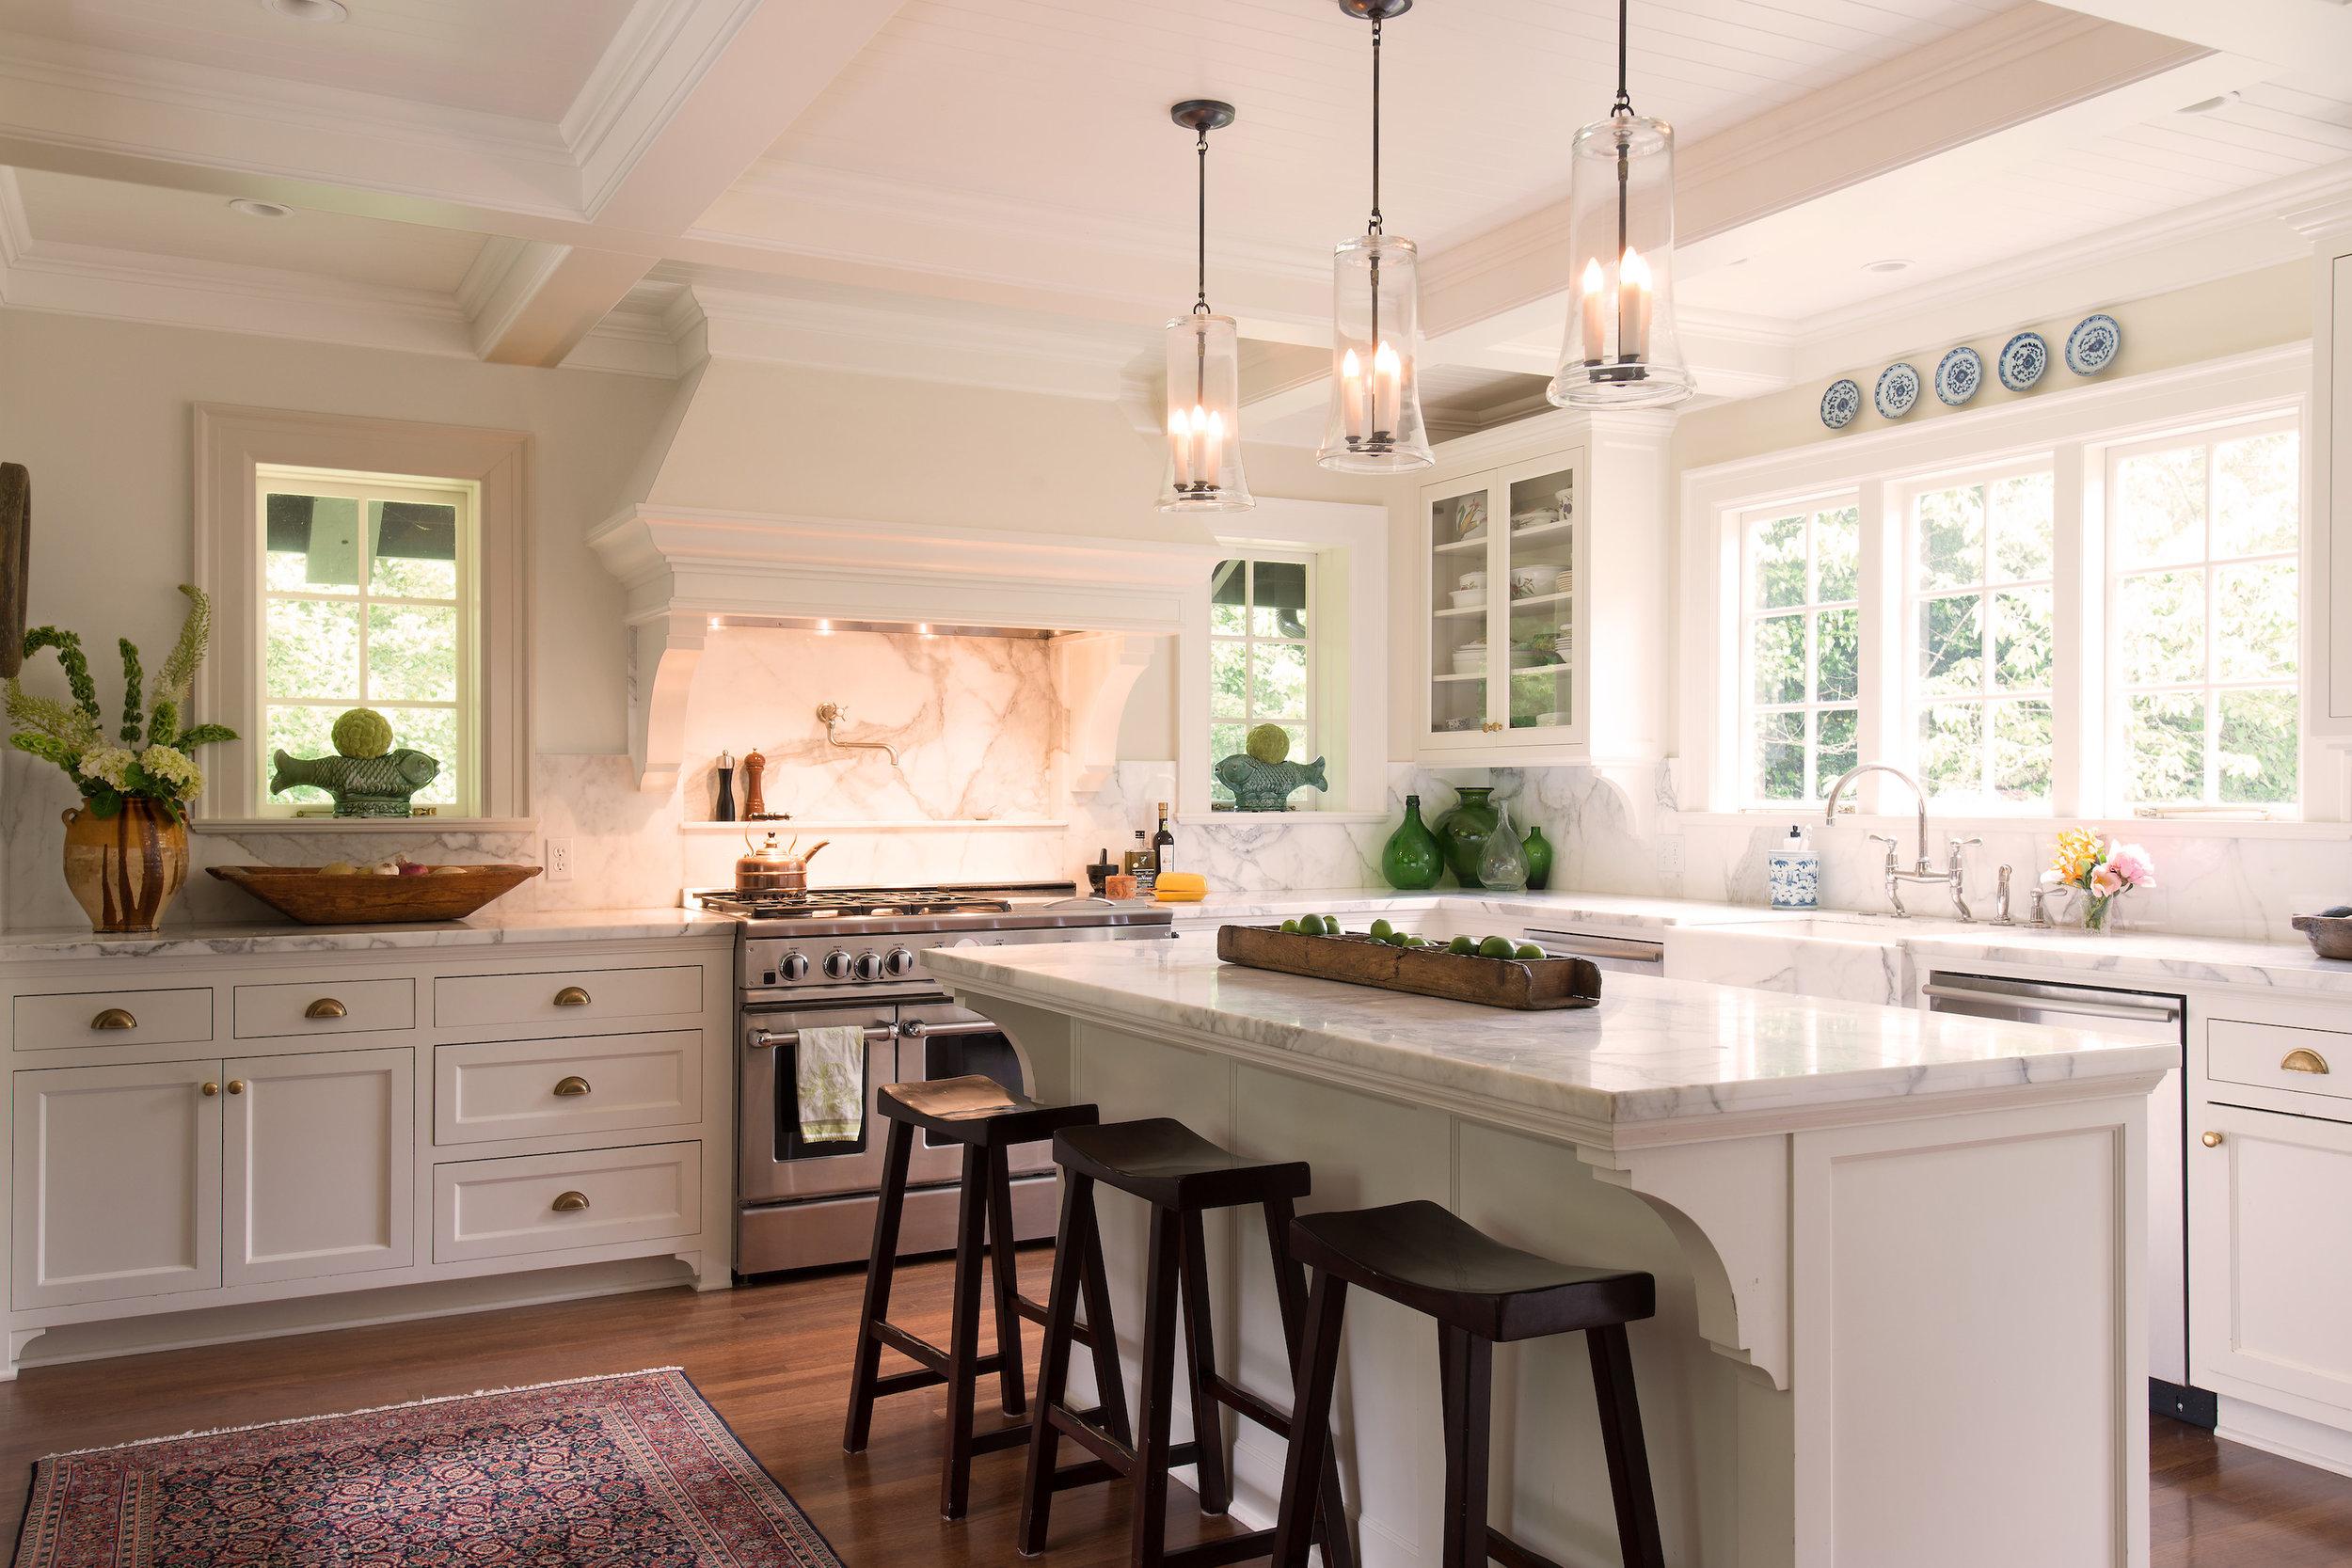 Kitchen island design by Jenni Leasia Interior Design in Portland